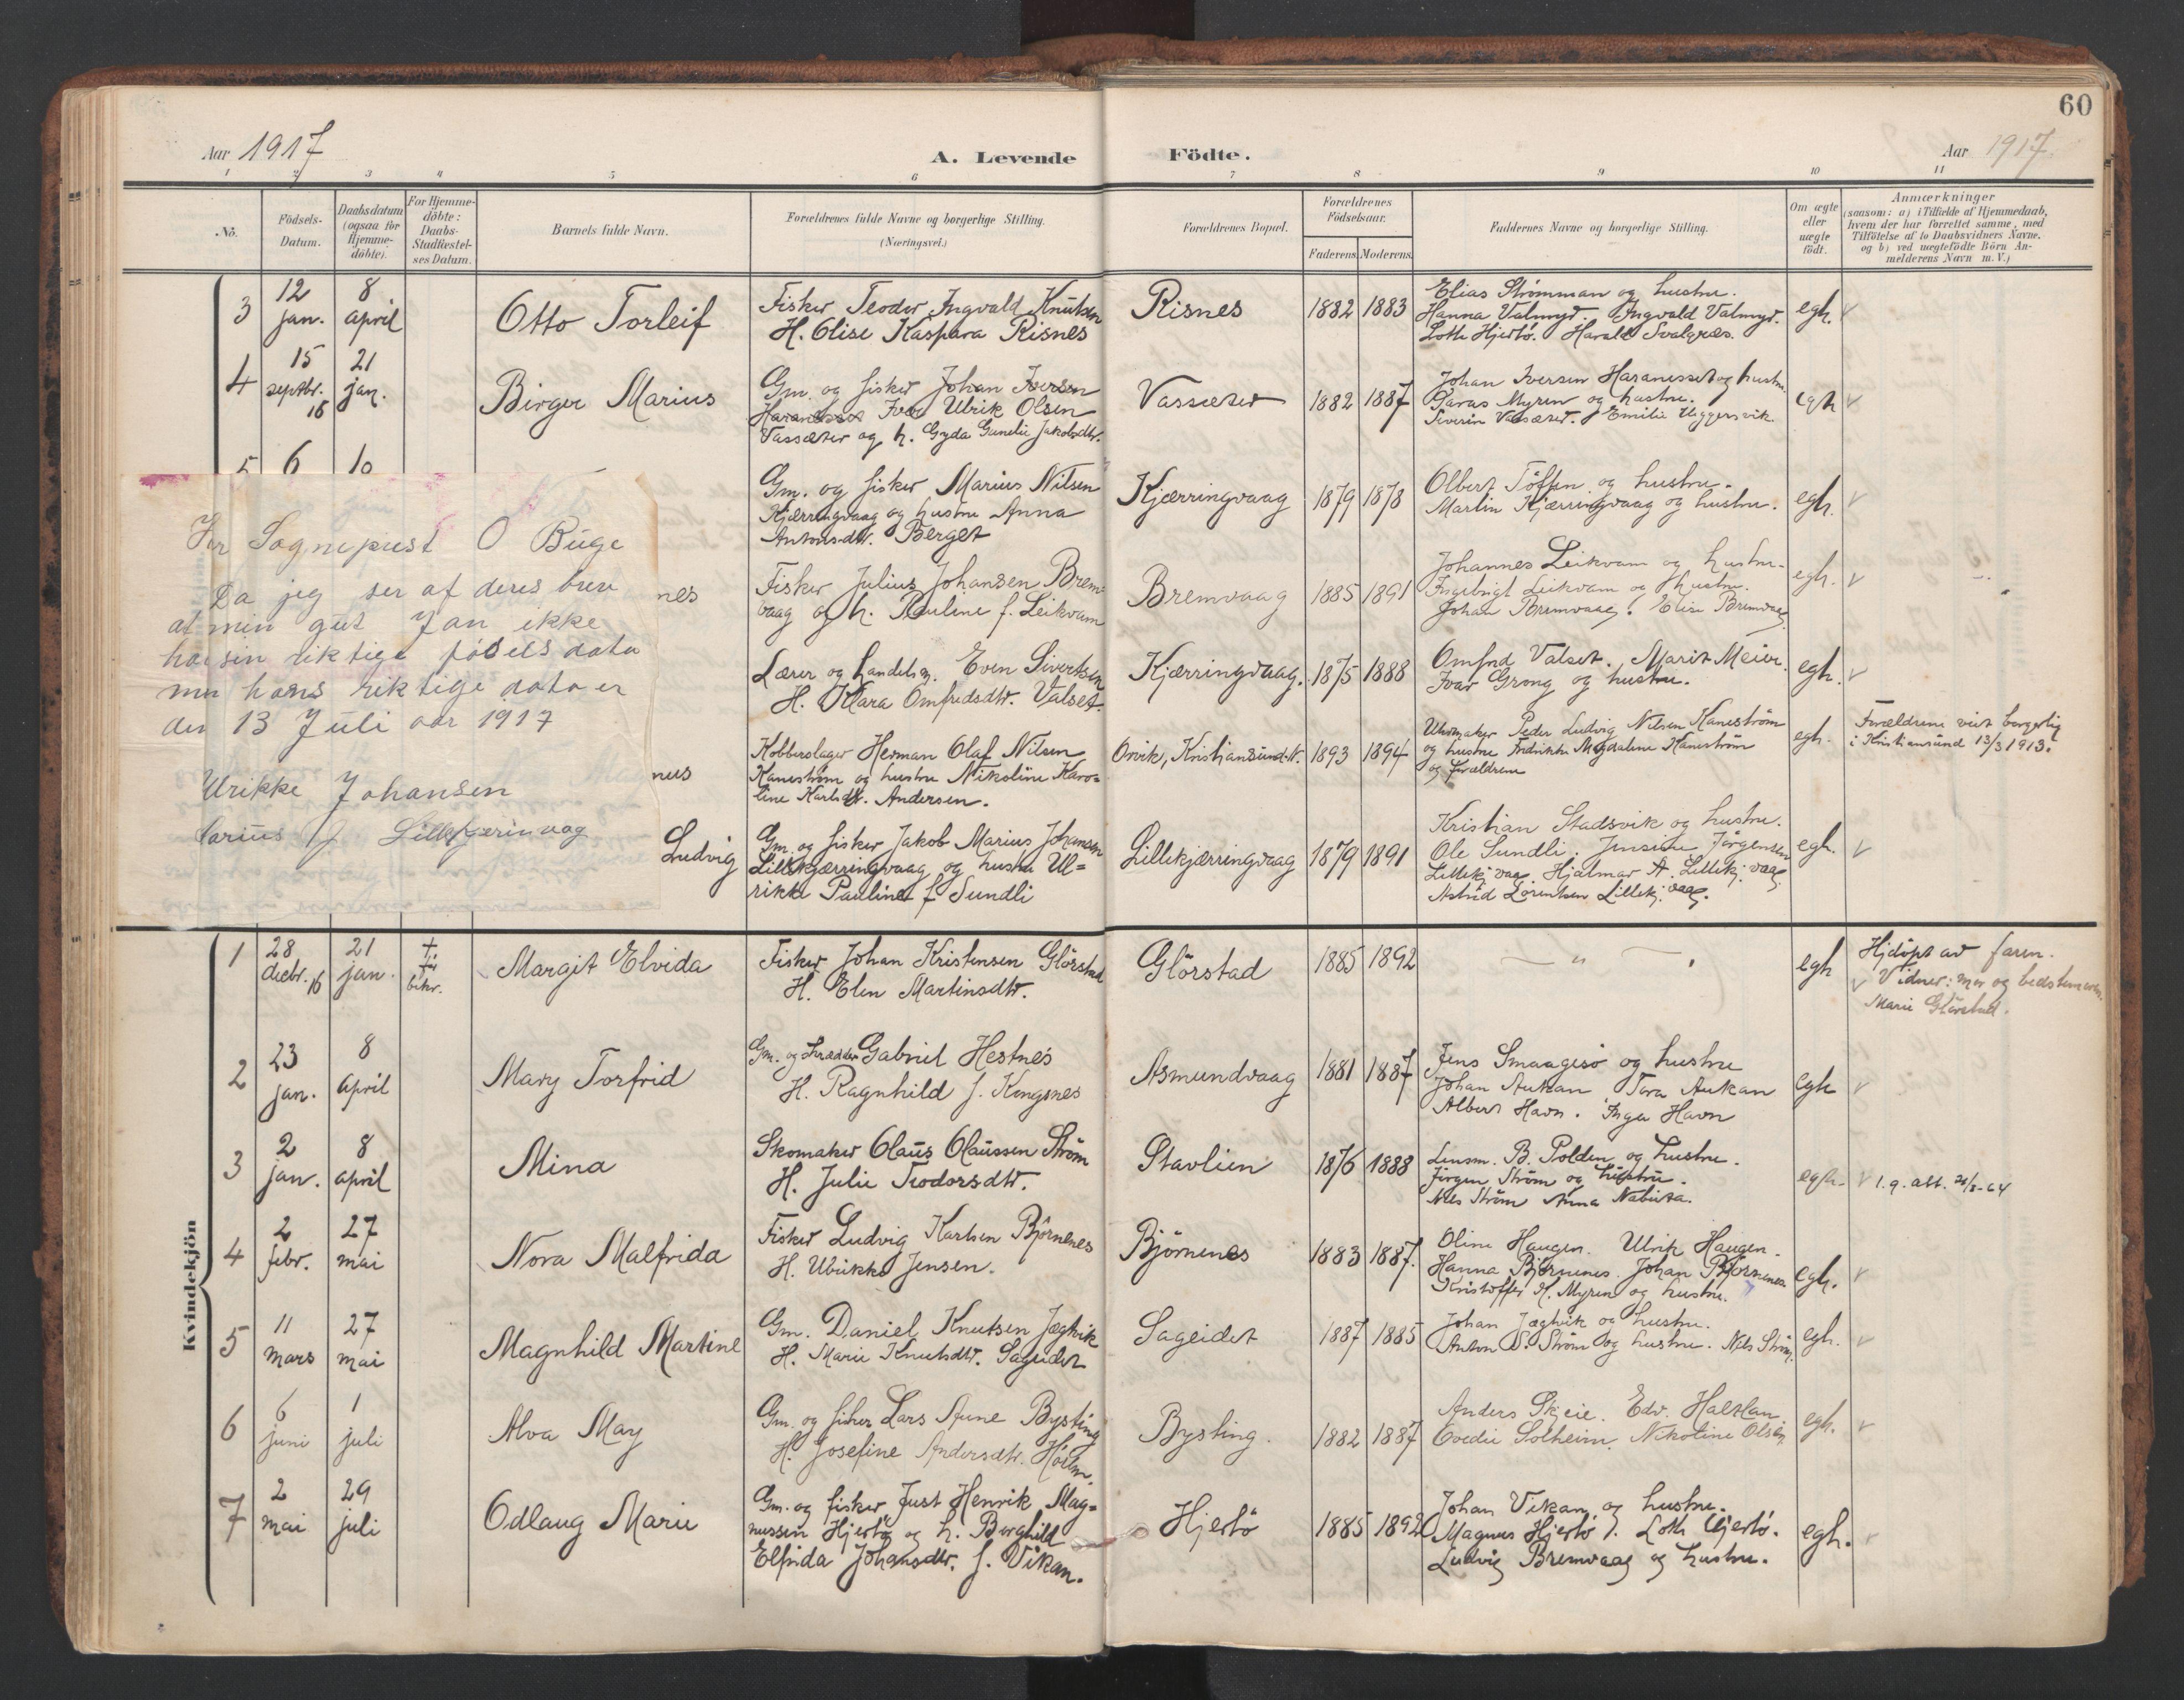 SAT, Ministerialprotokoller, klokkerbøker og fødselsregistre - Sør-Trøndelag, 634/L0537: Ministerialbok nr. 634A13, 1896-1922, s. 60